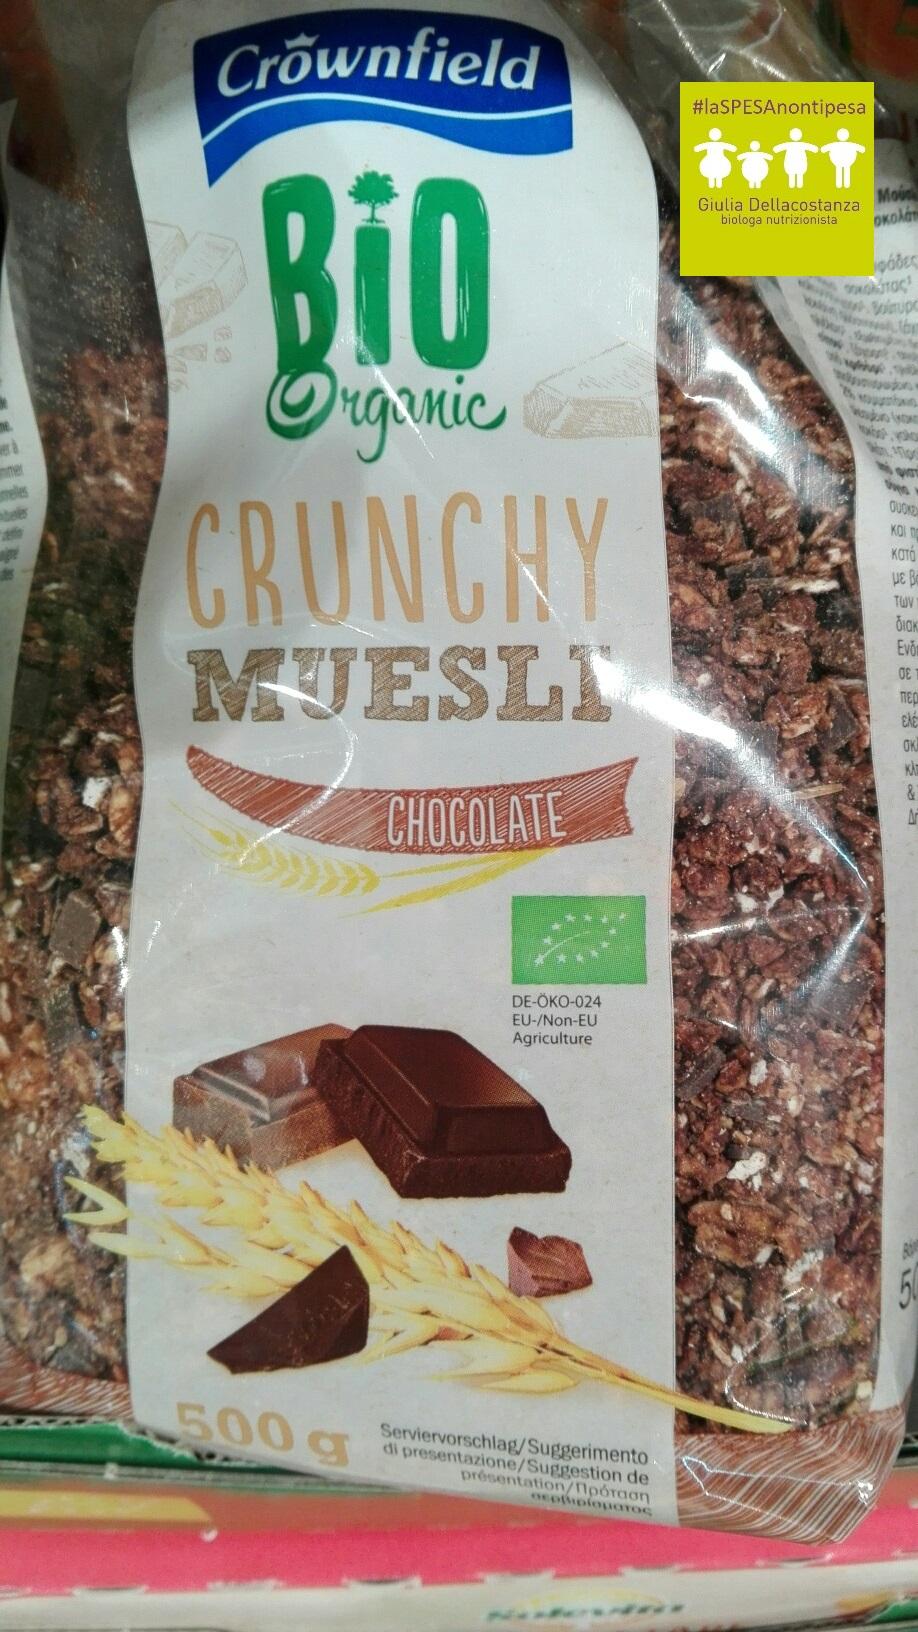 Crunchy biologico al cioccolato per una giusta colazione.